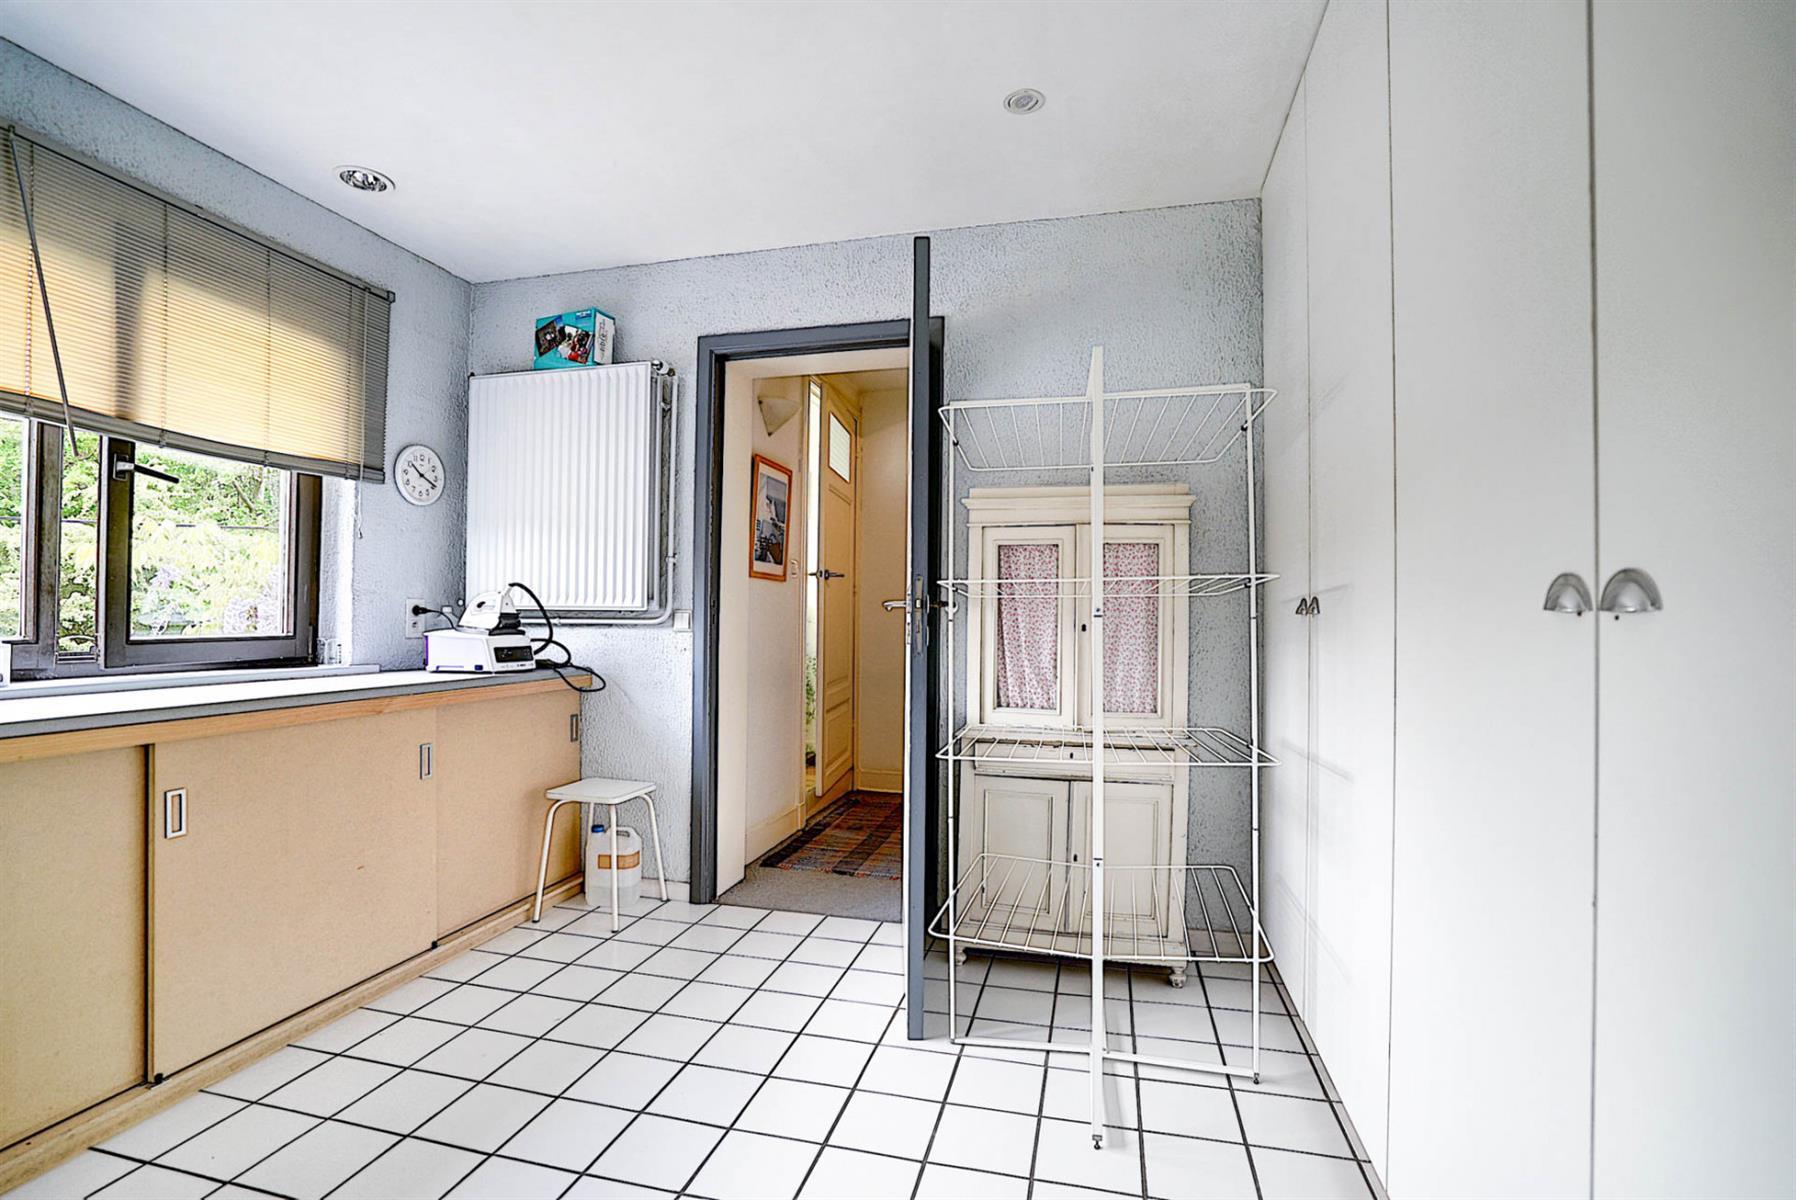 Maison - Court-saint-Étienne - #4002819-30